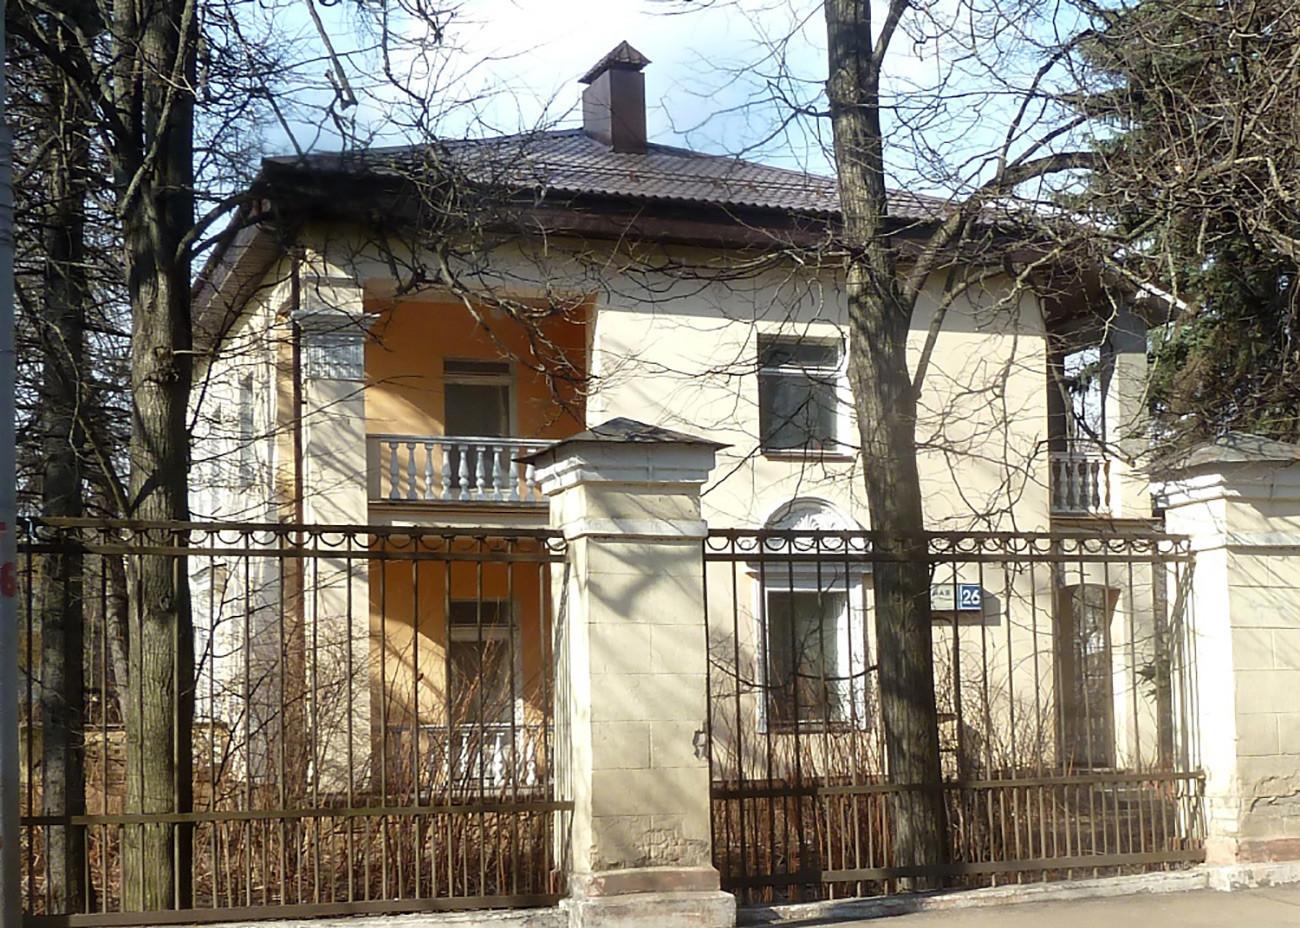 Maison réelle de Valery Legasov à Moscou